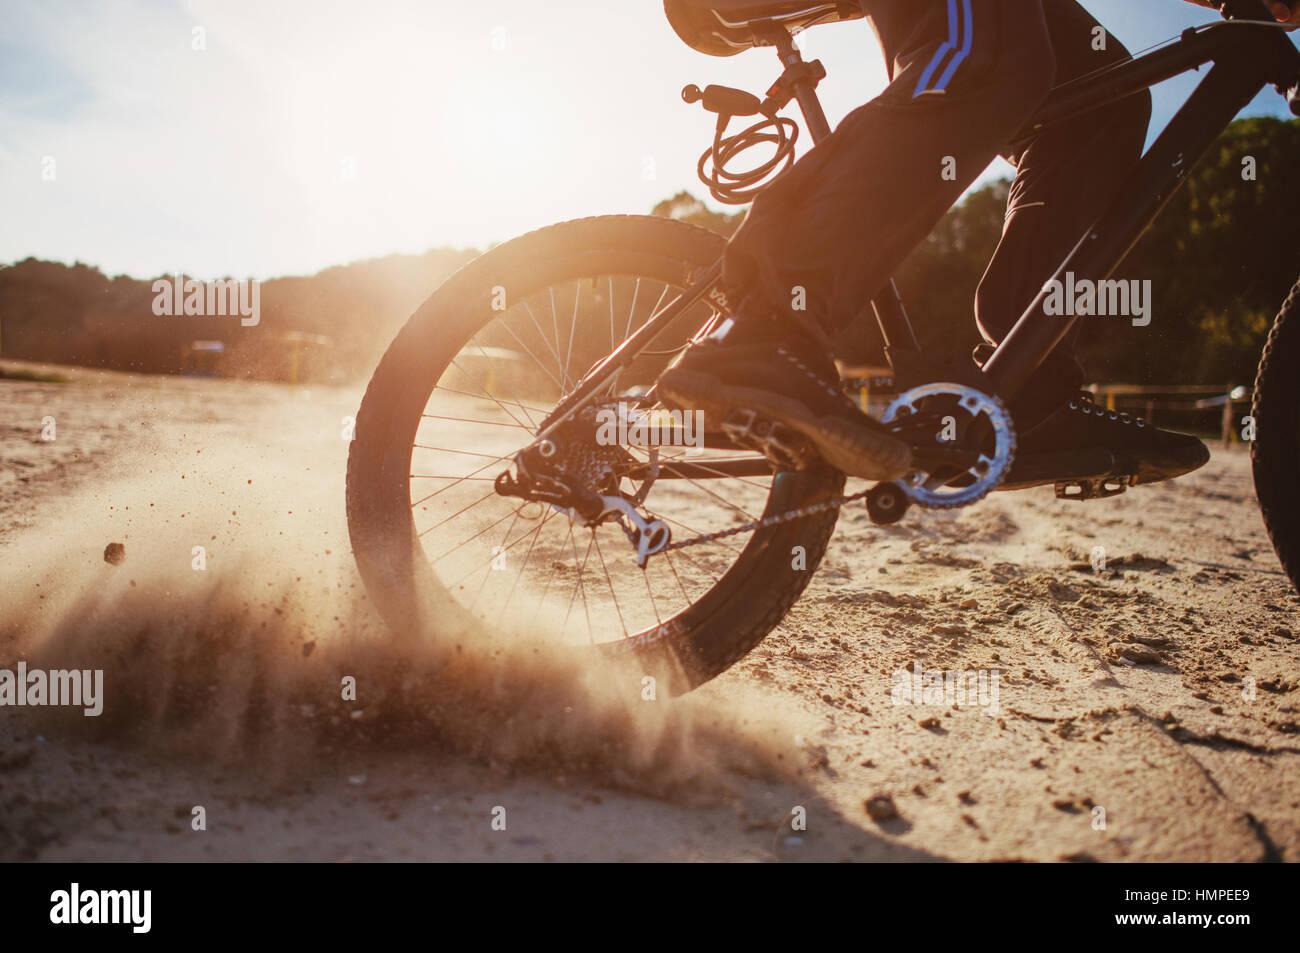 L'homme sur un vélo Photo Stock